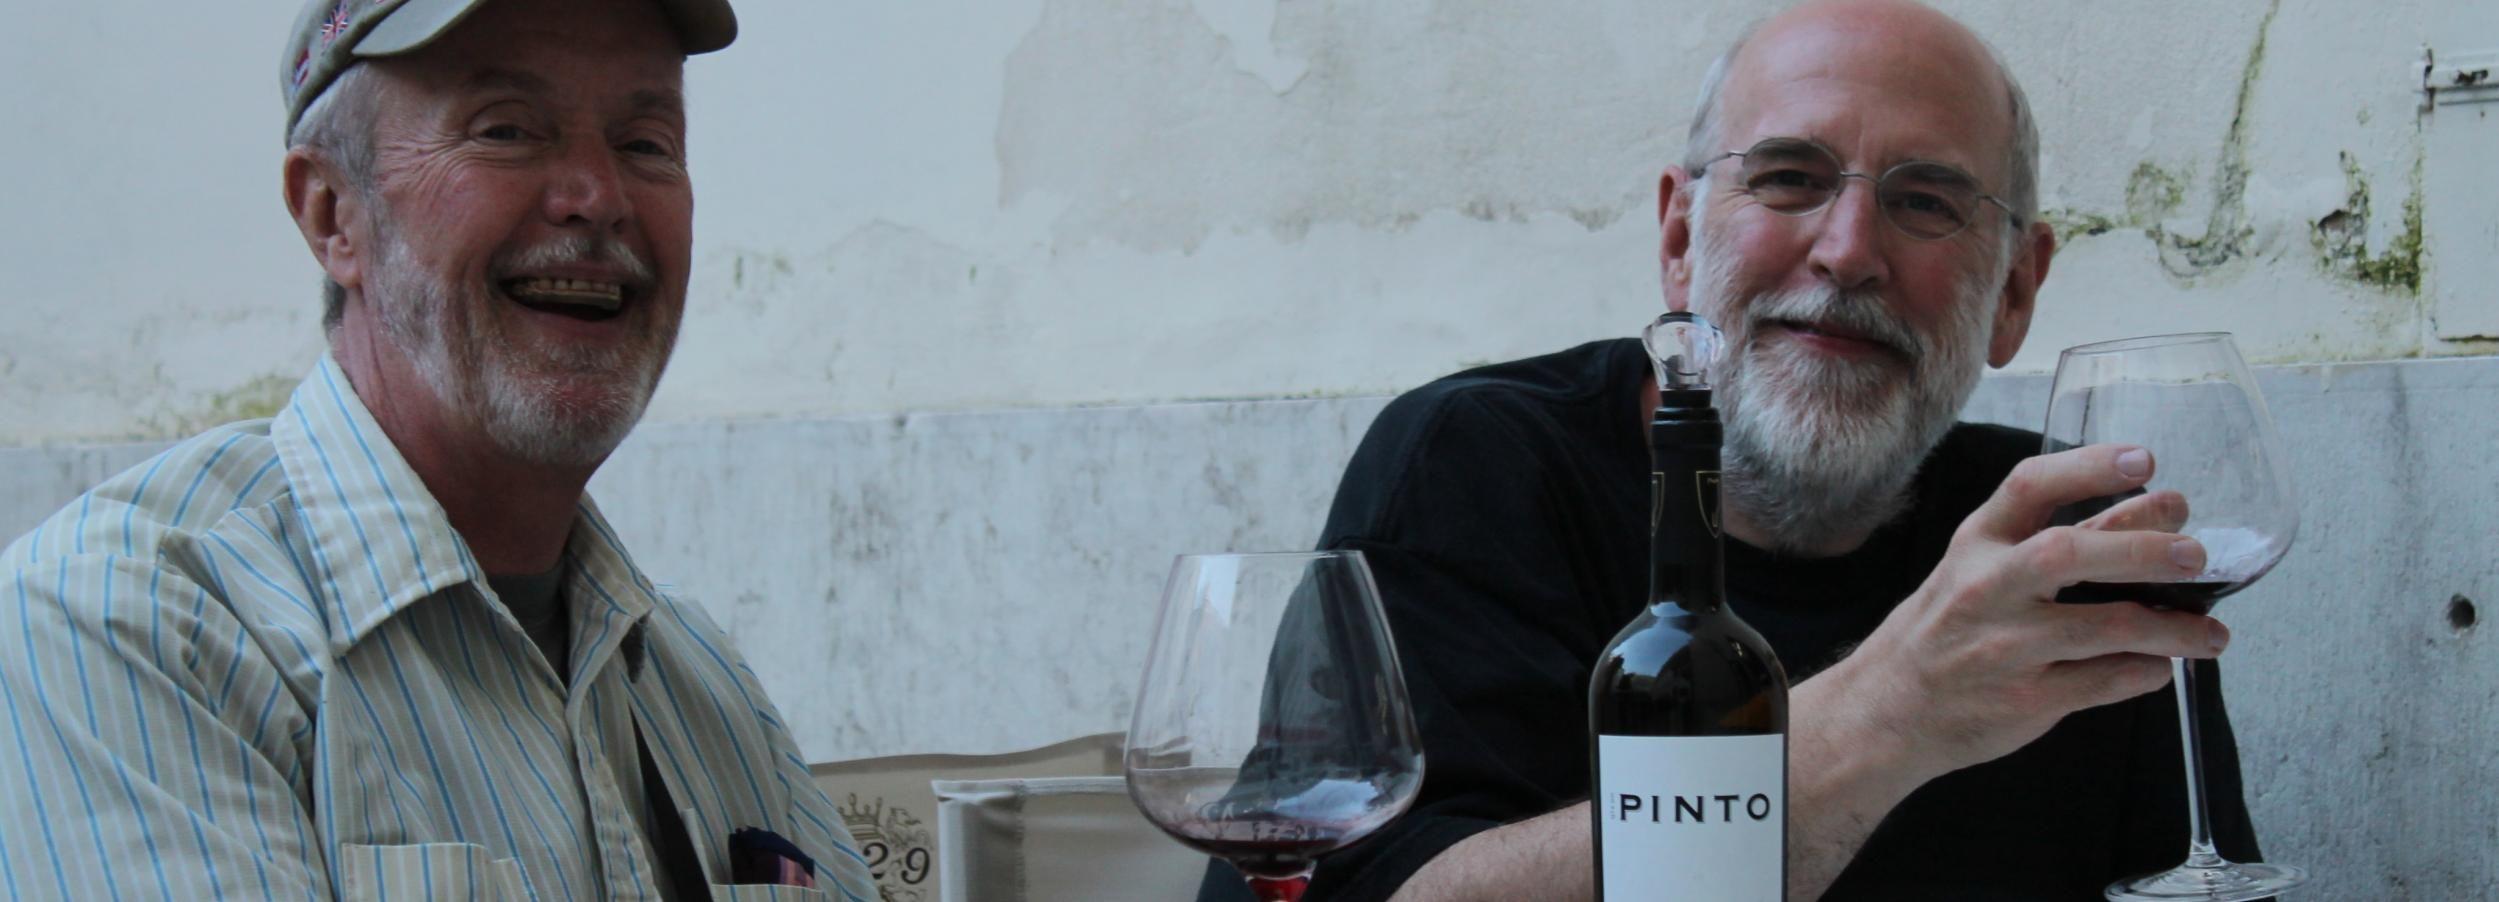 Lisbonne Wine and Food: Visite guidée privée